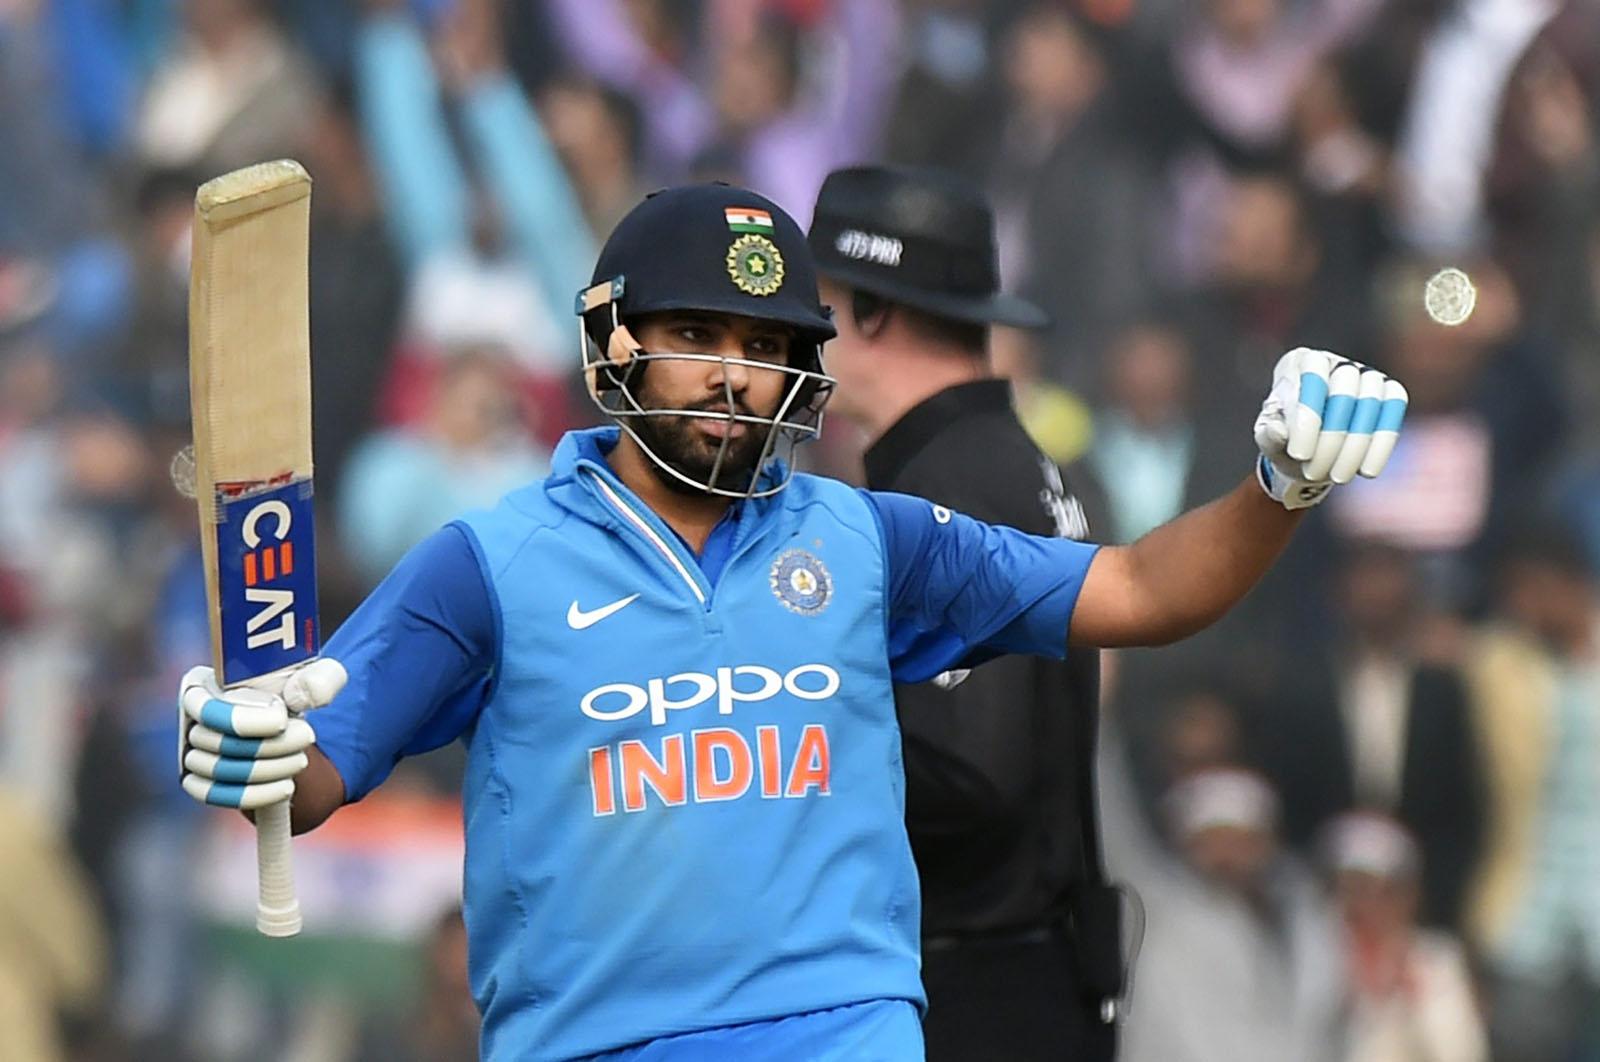 विजय हजारे ट्रॉफी: रोहित शर्मा के साथ सेमीफाइनल में टीम का हिस्सा होंगे अजिंक्य रहाणे और पृथ्वी शॉ 2